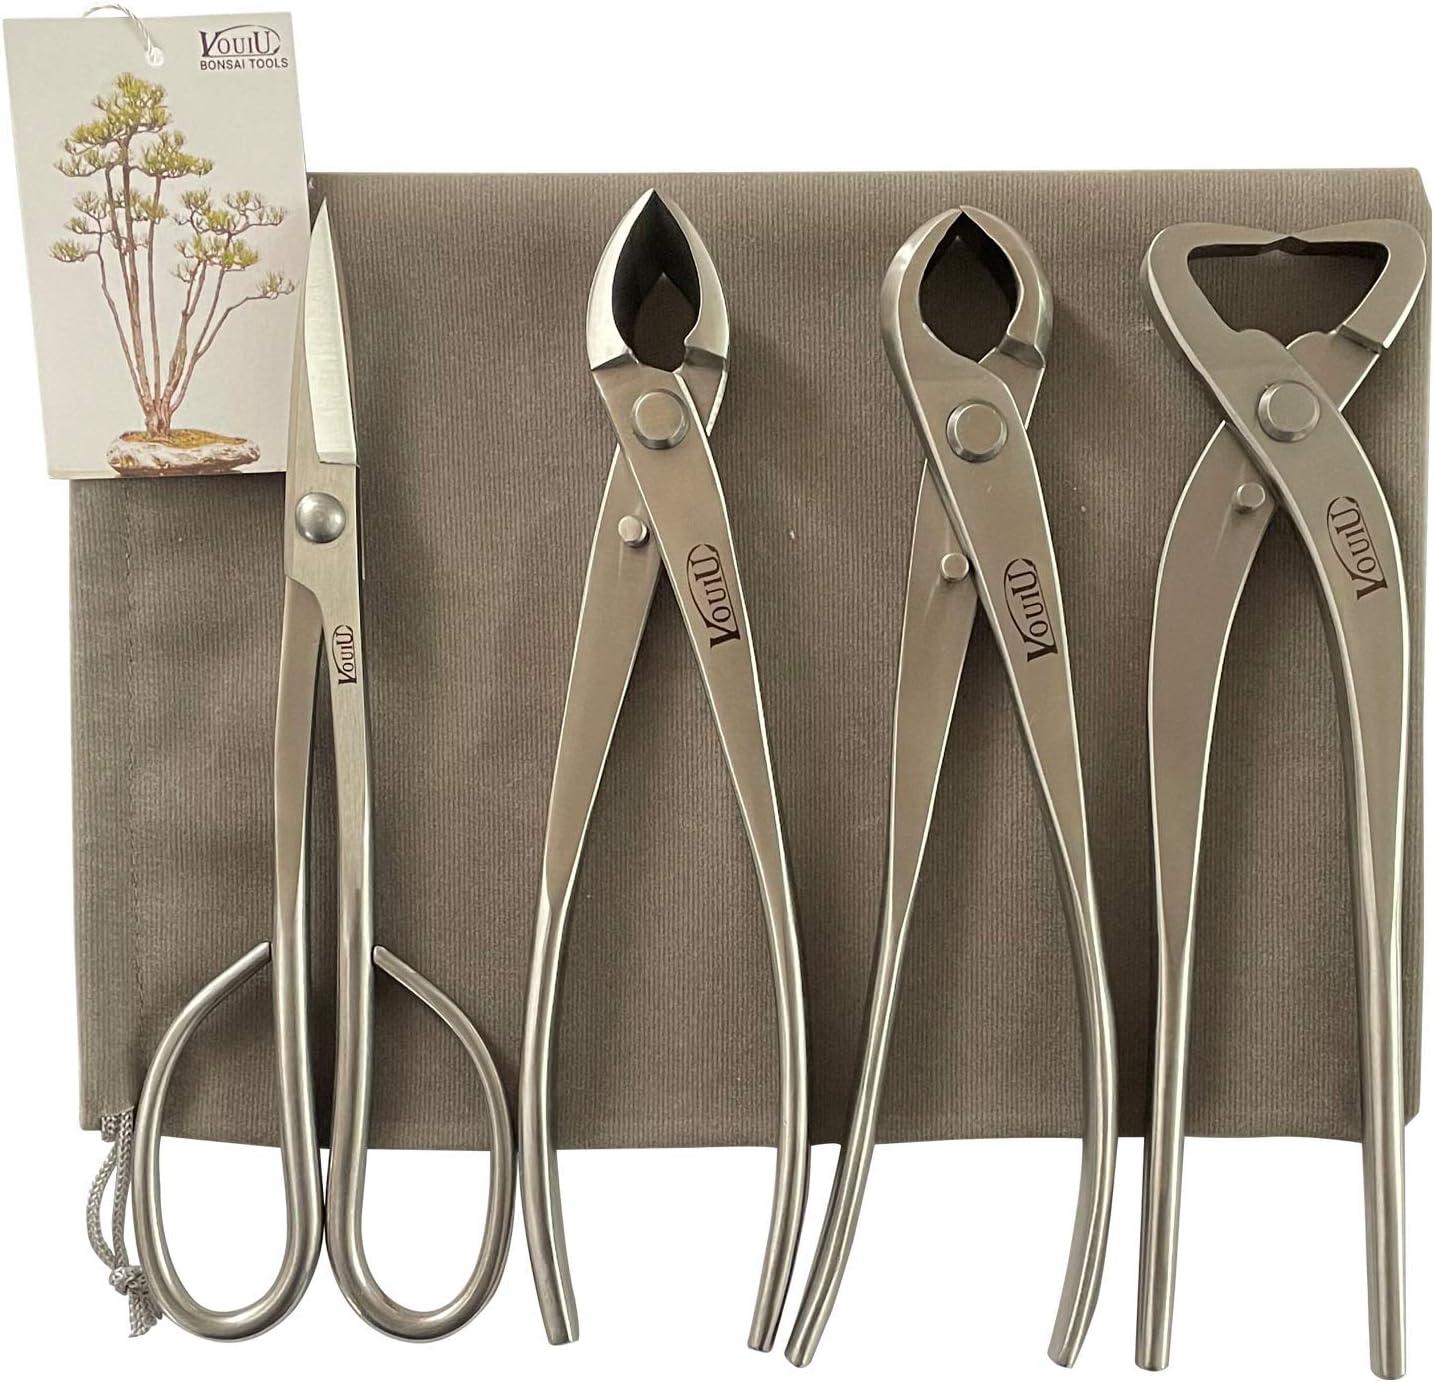 vouiu 4-Piece Bonsai Tool Set S Trunk 低価格化 Cutter 大人気 Concave Knob